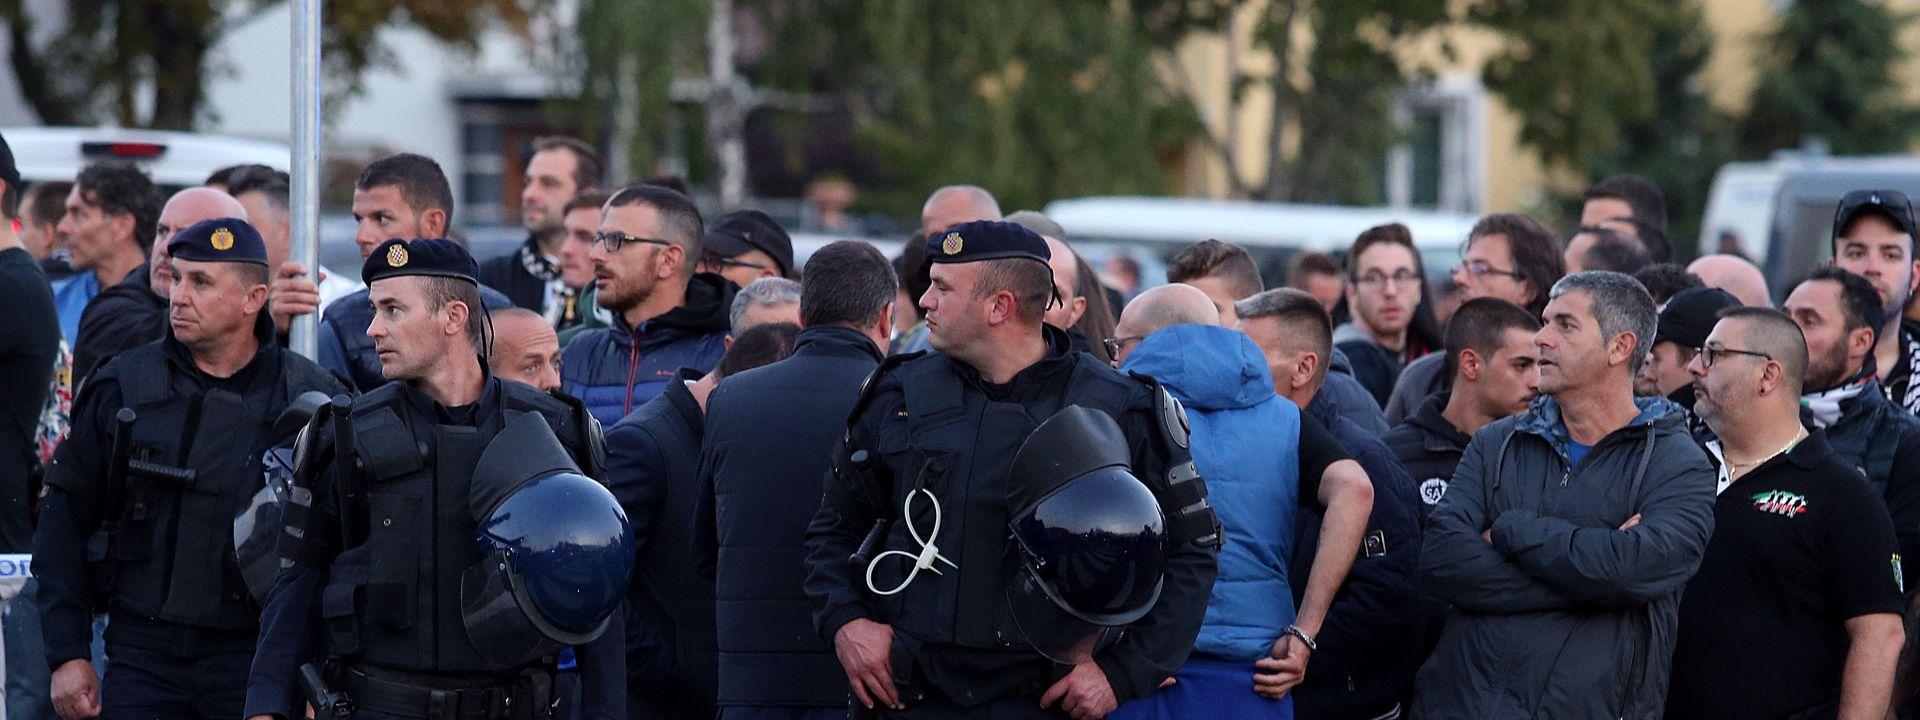 IZGRED UOČI UTAKMICE: Navijači se sukobili kod stadiona